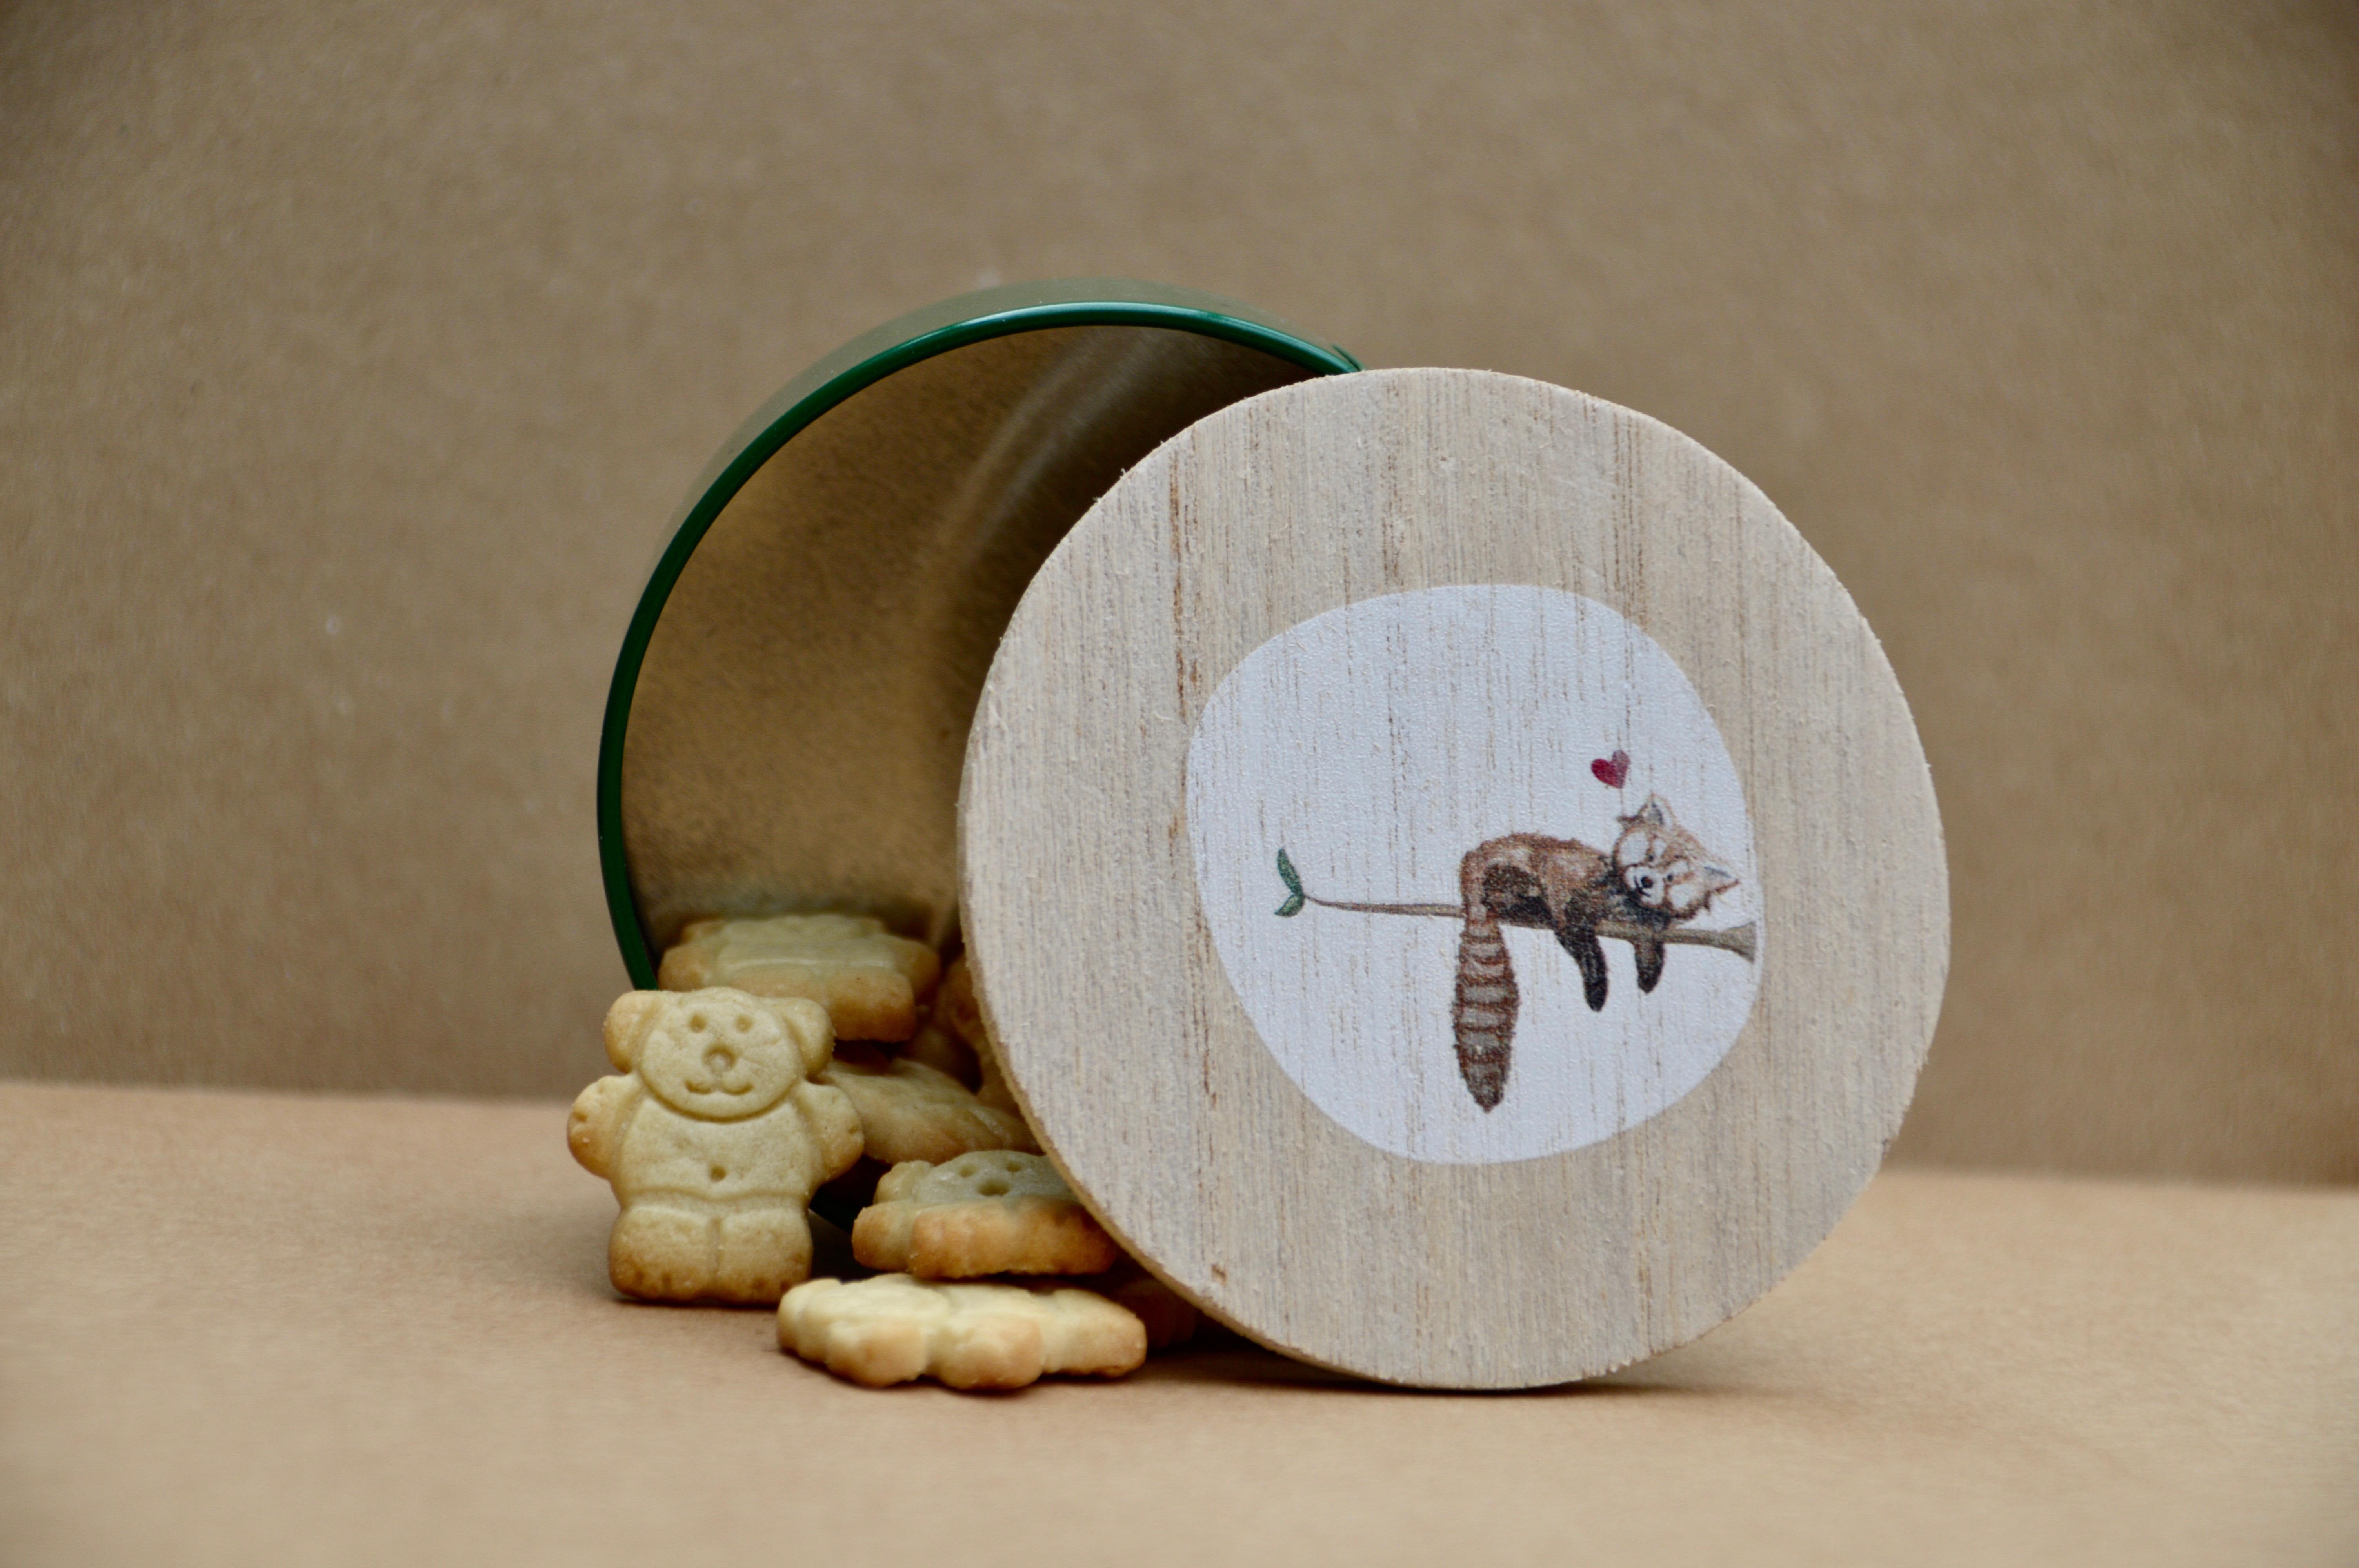 Koekendoosje met houten deksel